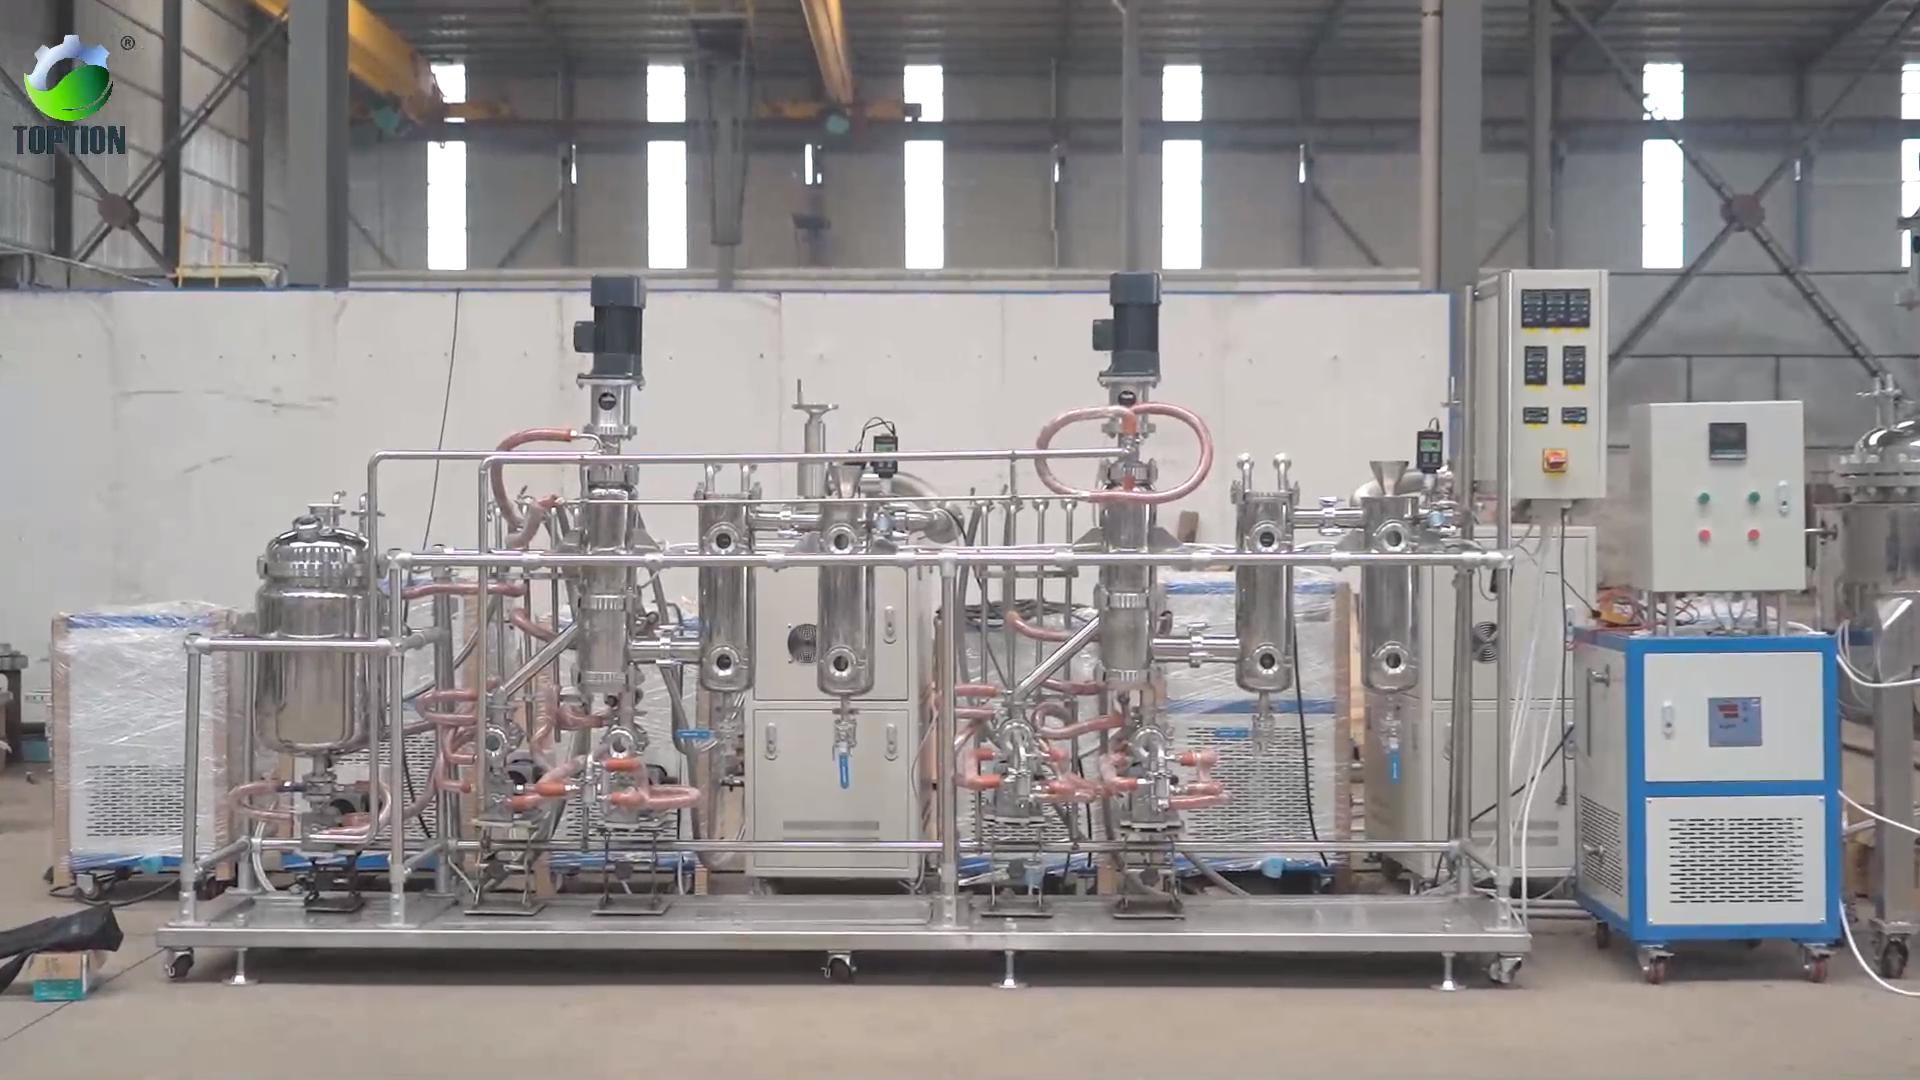 उच्च कुशल गर्मी संवेदनशील स्टेनलेस स्टील सन तेल निष्कर्षण मशीन